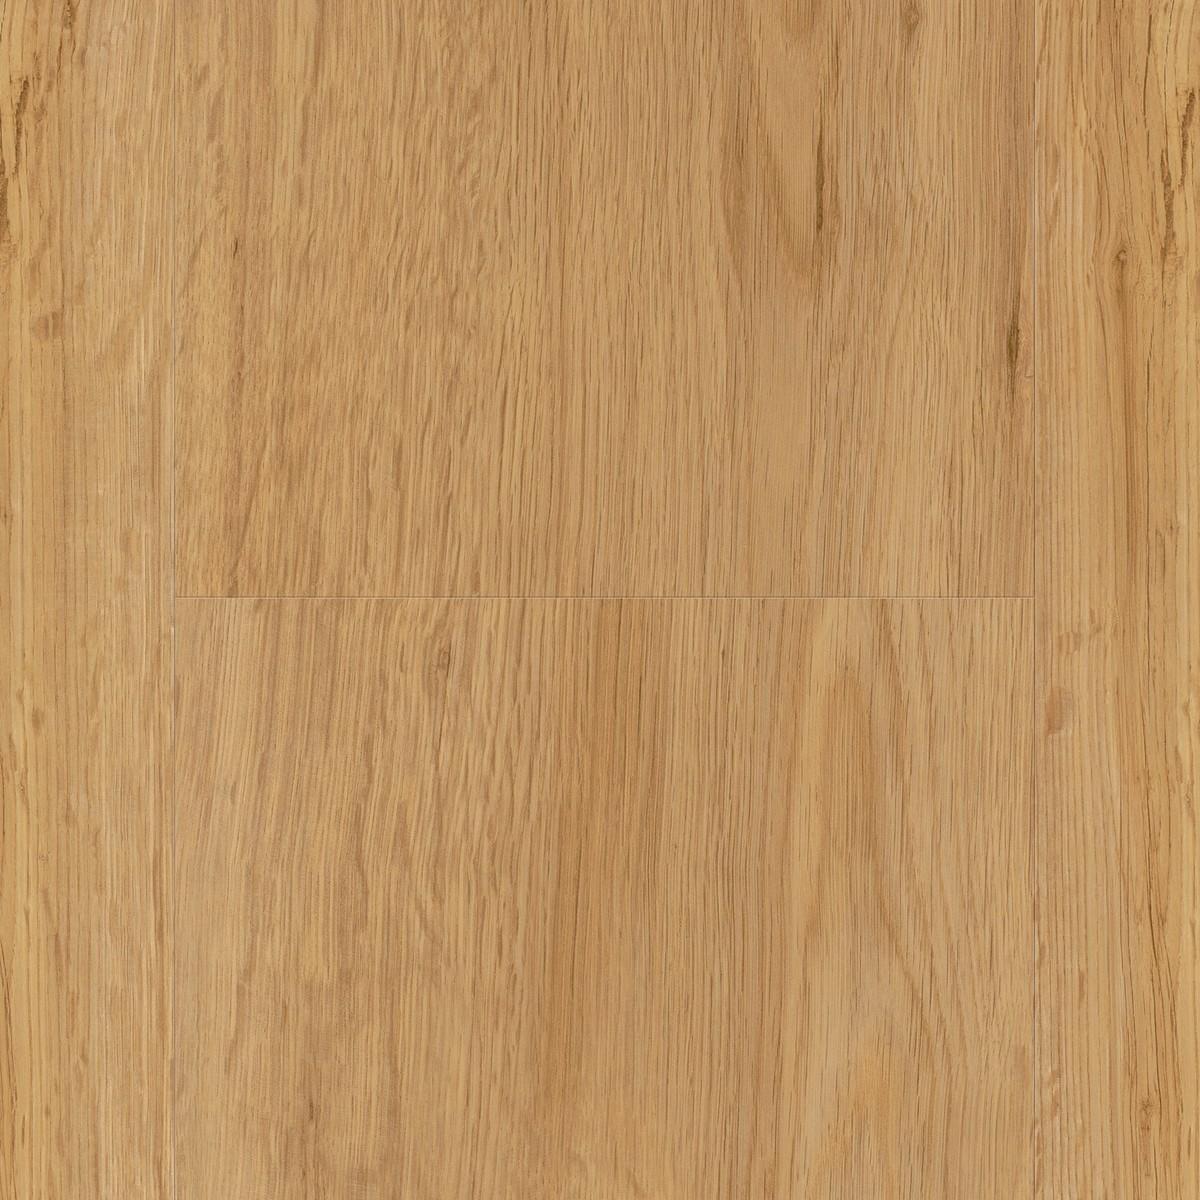 Unterschiedlich PARADOR Vinyl Basic 30 Eiche natur Holzstruktur Landhausdiele mit  DN61